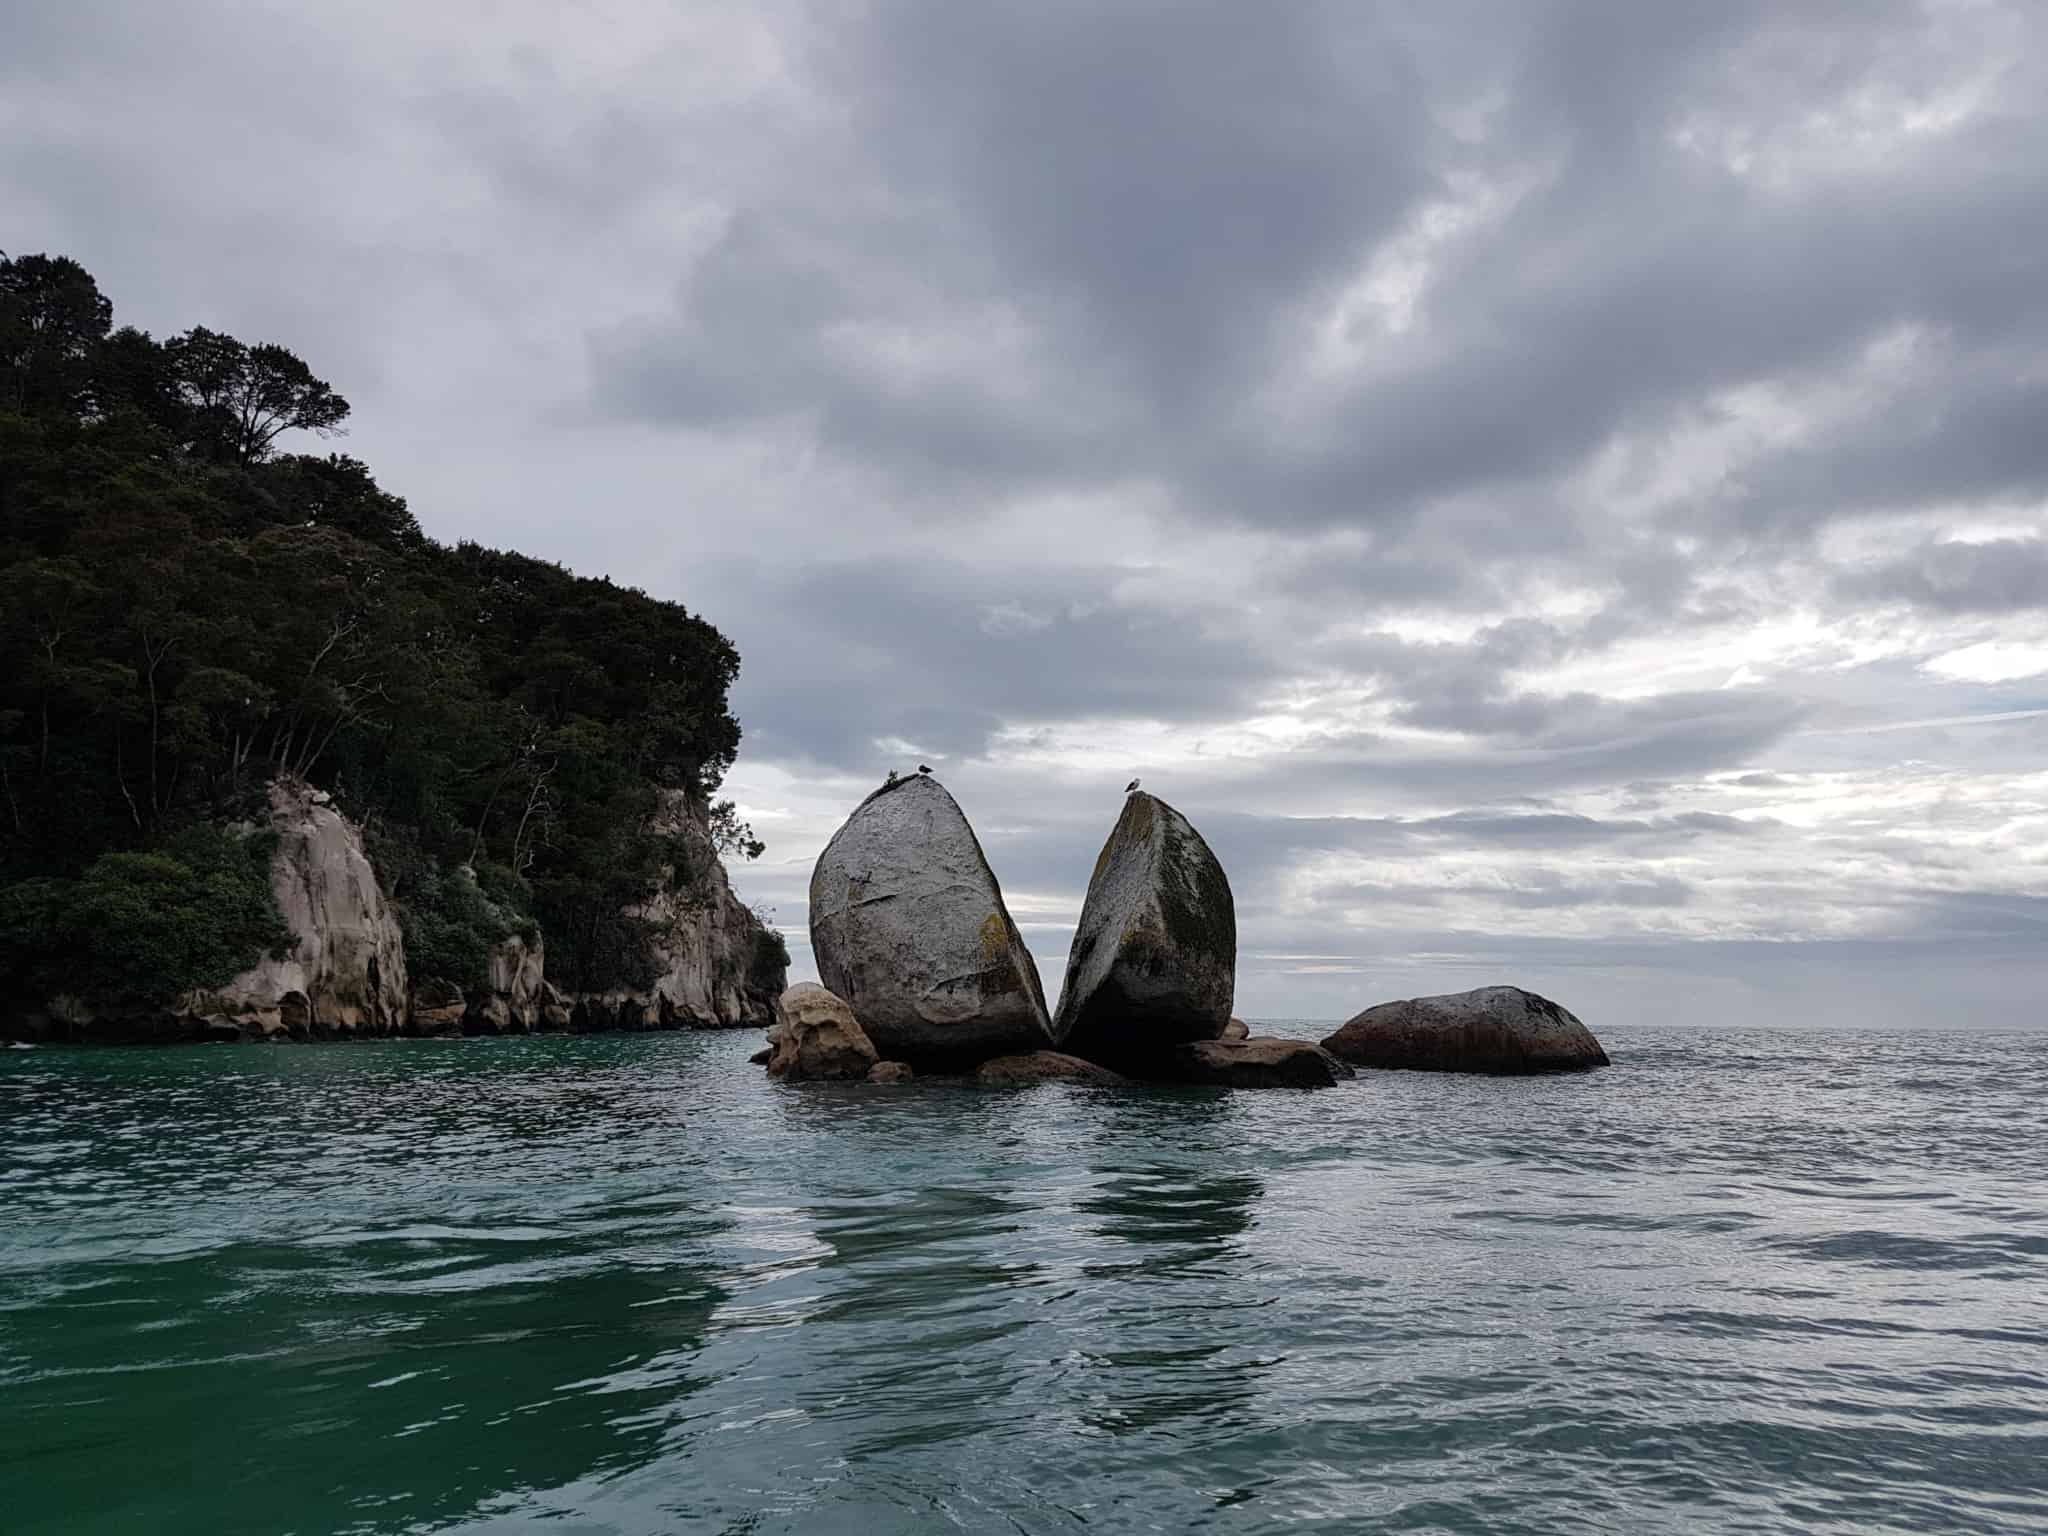 Nouvelle-Zélande, 24 km de randonnée sous la pluie dans le parc d'Abel Tasman 🌧 5